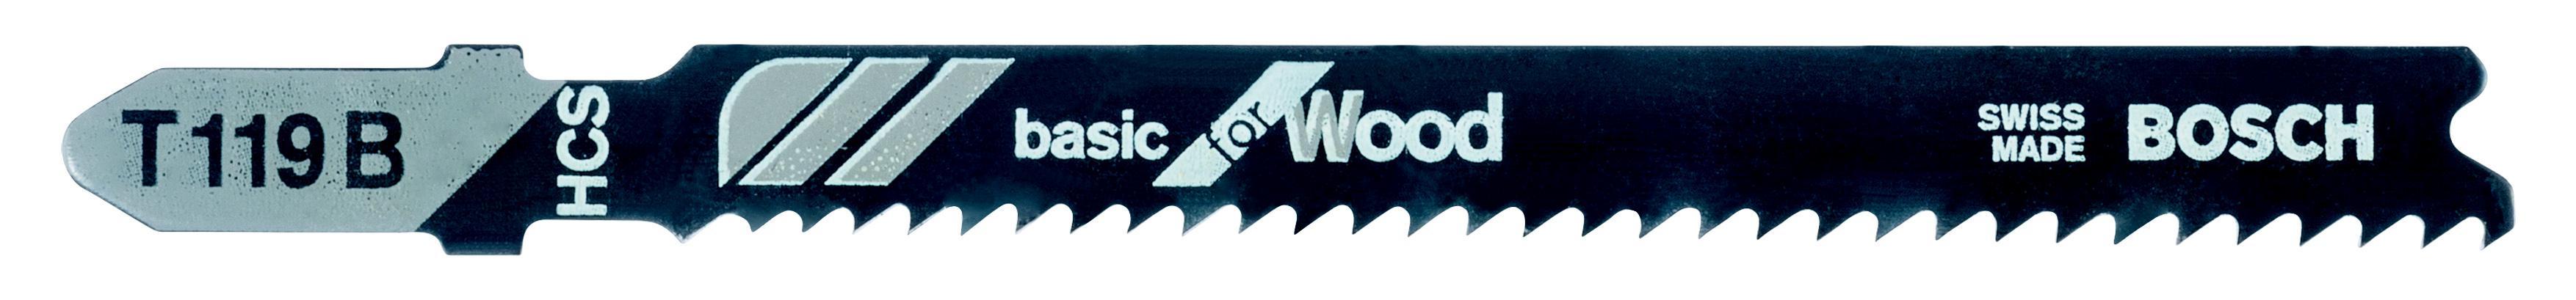 Пилки для лобзика Bosch T119b (3)(2.608.630.878) пилки для лобзика по дереву для прямых пропилов bosch t101b 3 30 мм 5 шт